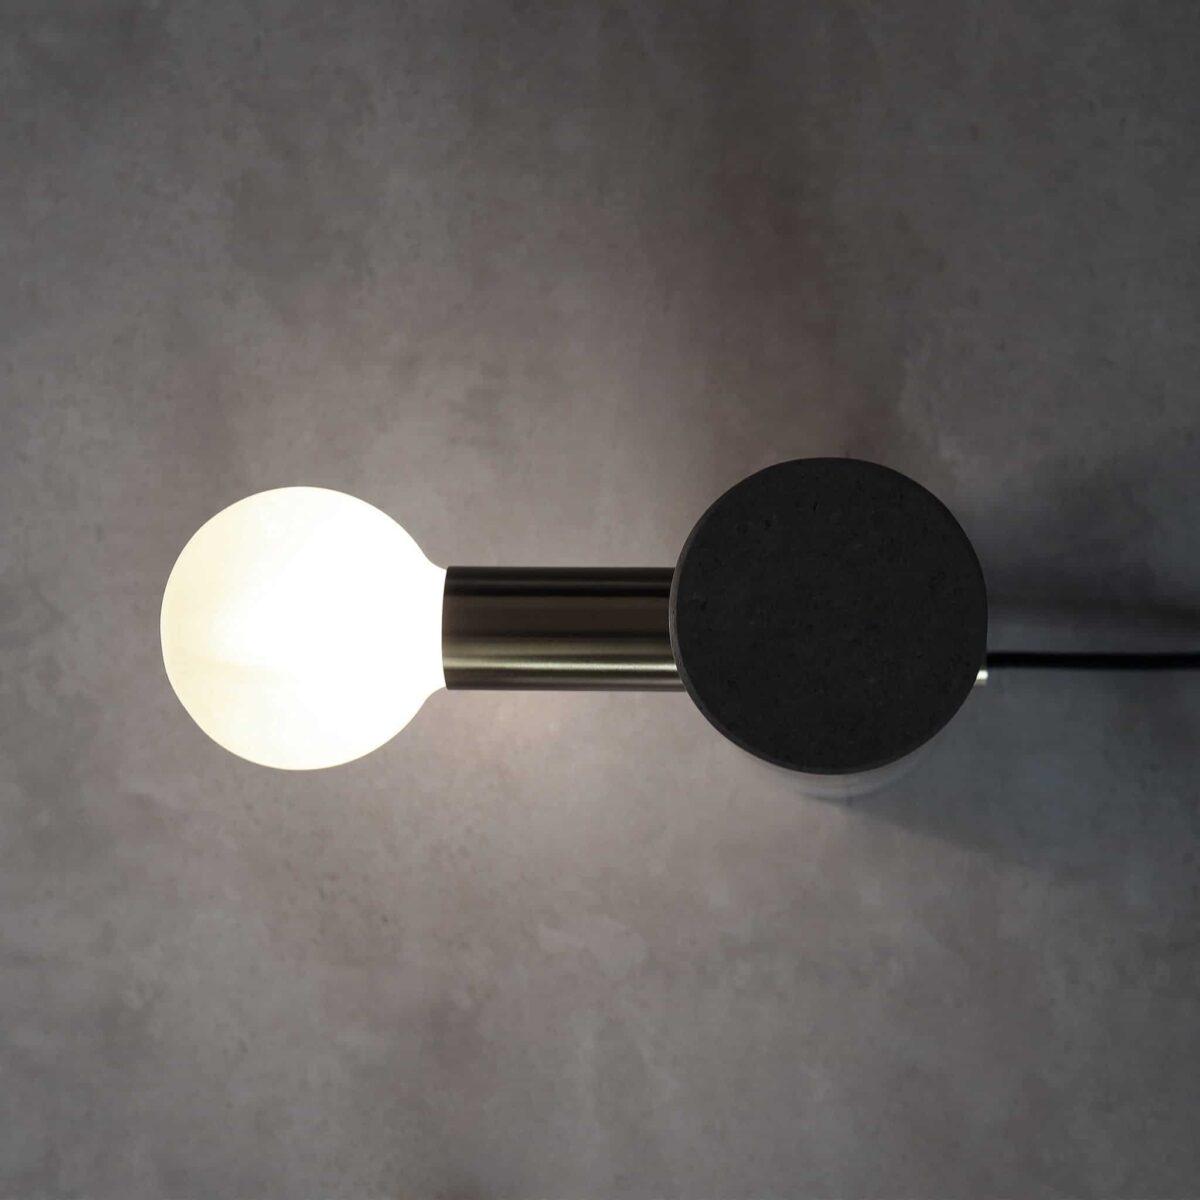 jurassic-light-117-006